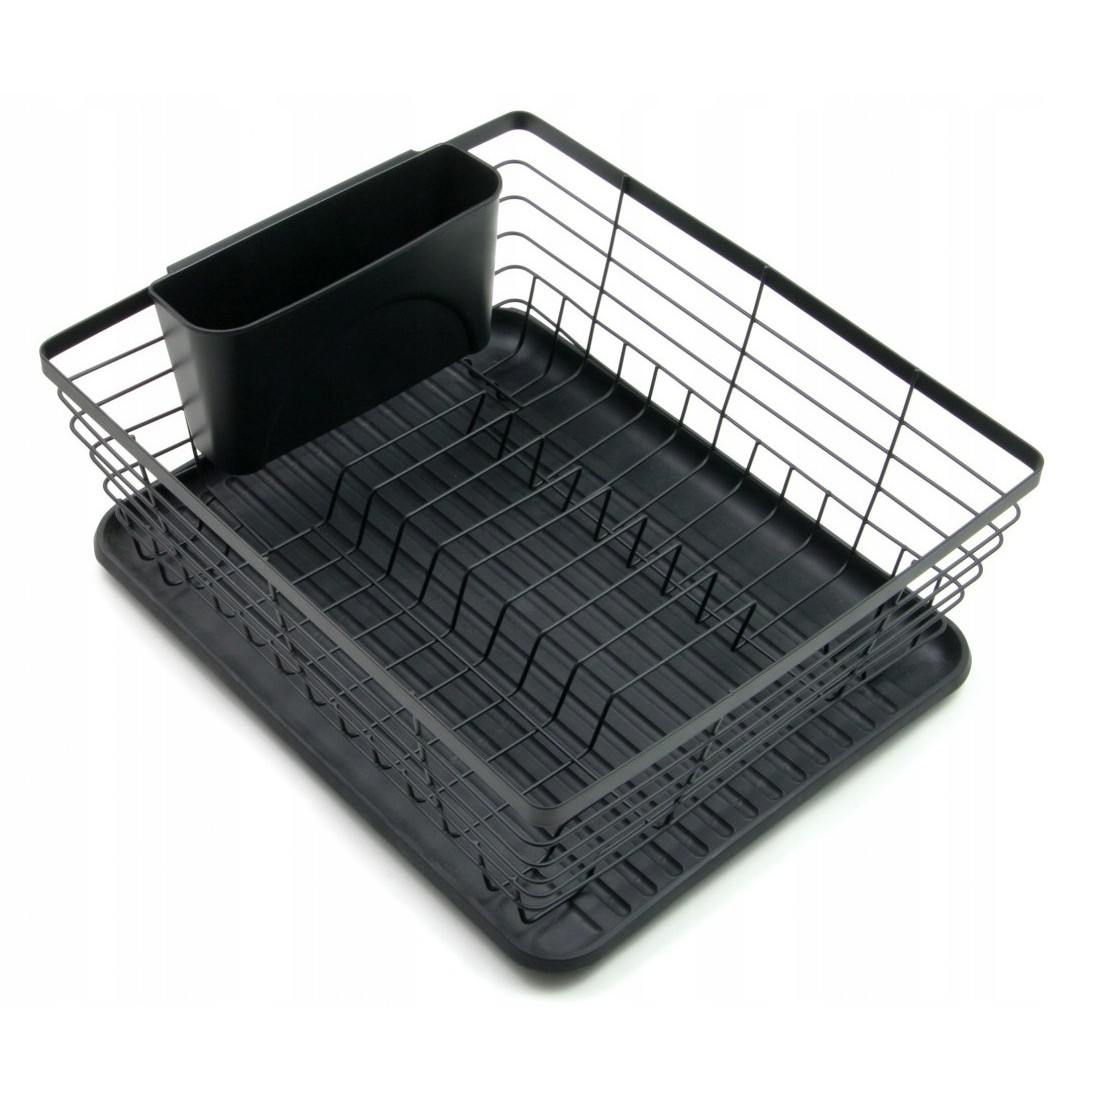 košík na sušení nádobí dvouúrovňový černý 36x30x14cm megamix.shop